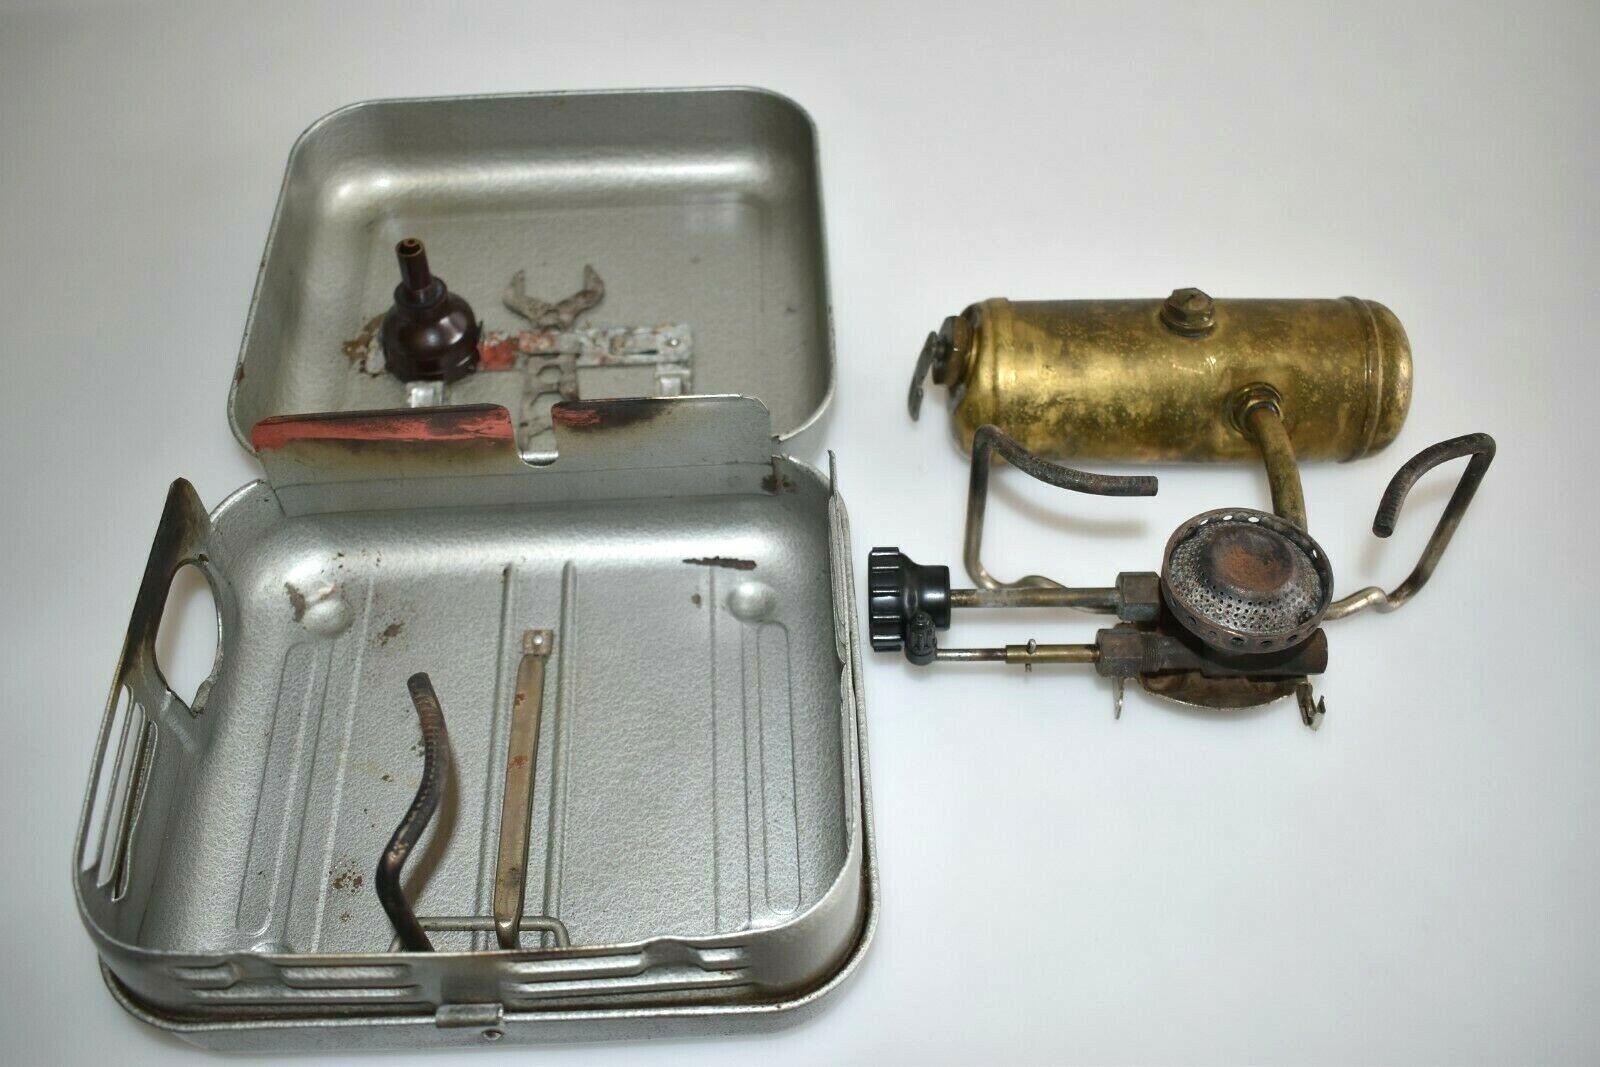 Enders Benzin-Gaskocher 9060D Original Campingkocher Vintage Fach C2